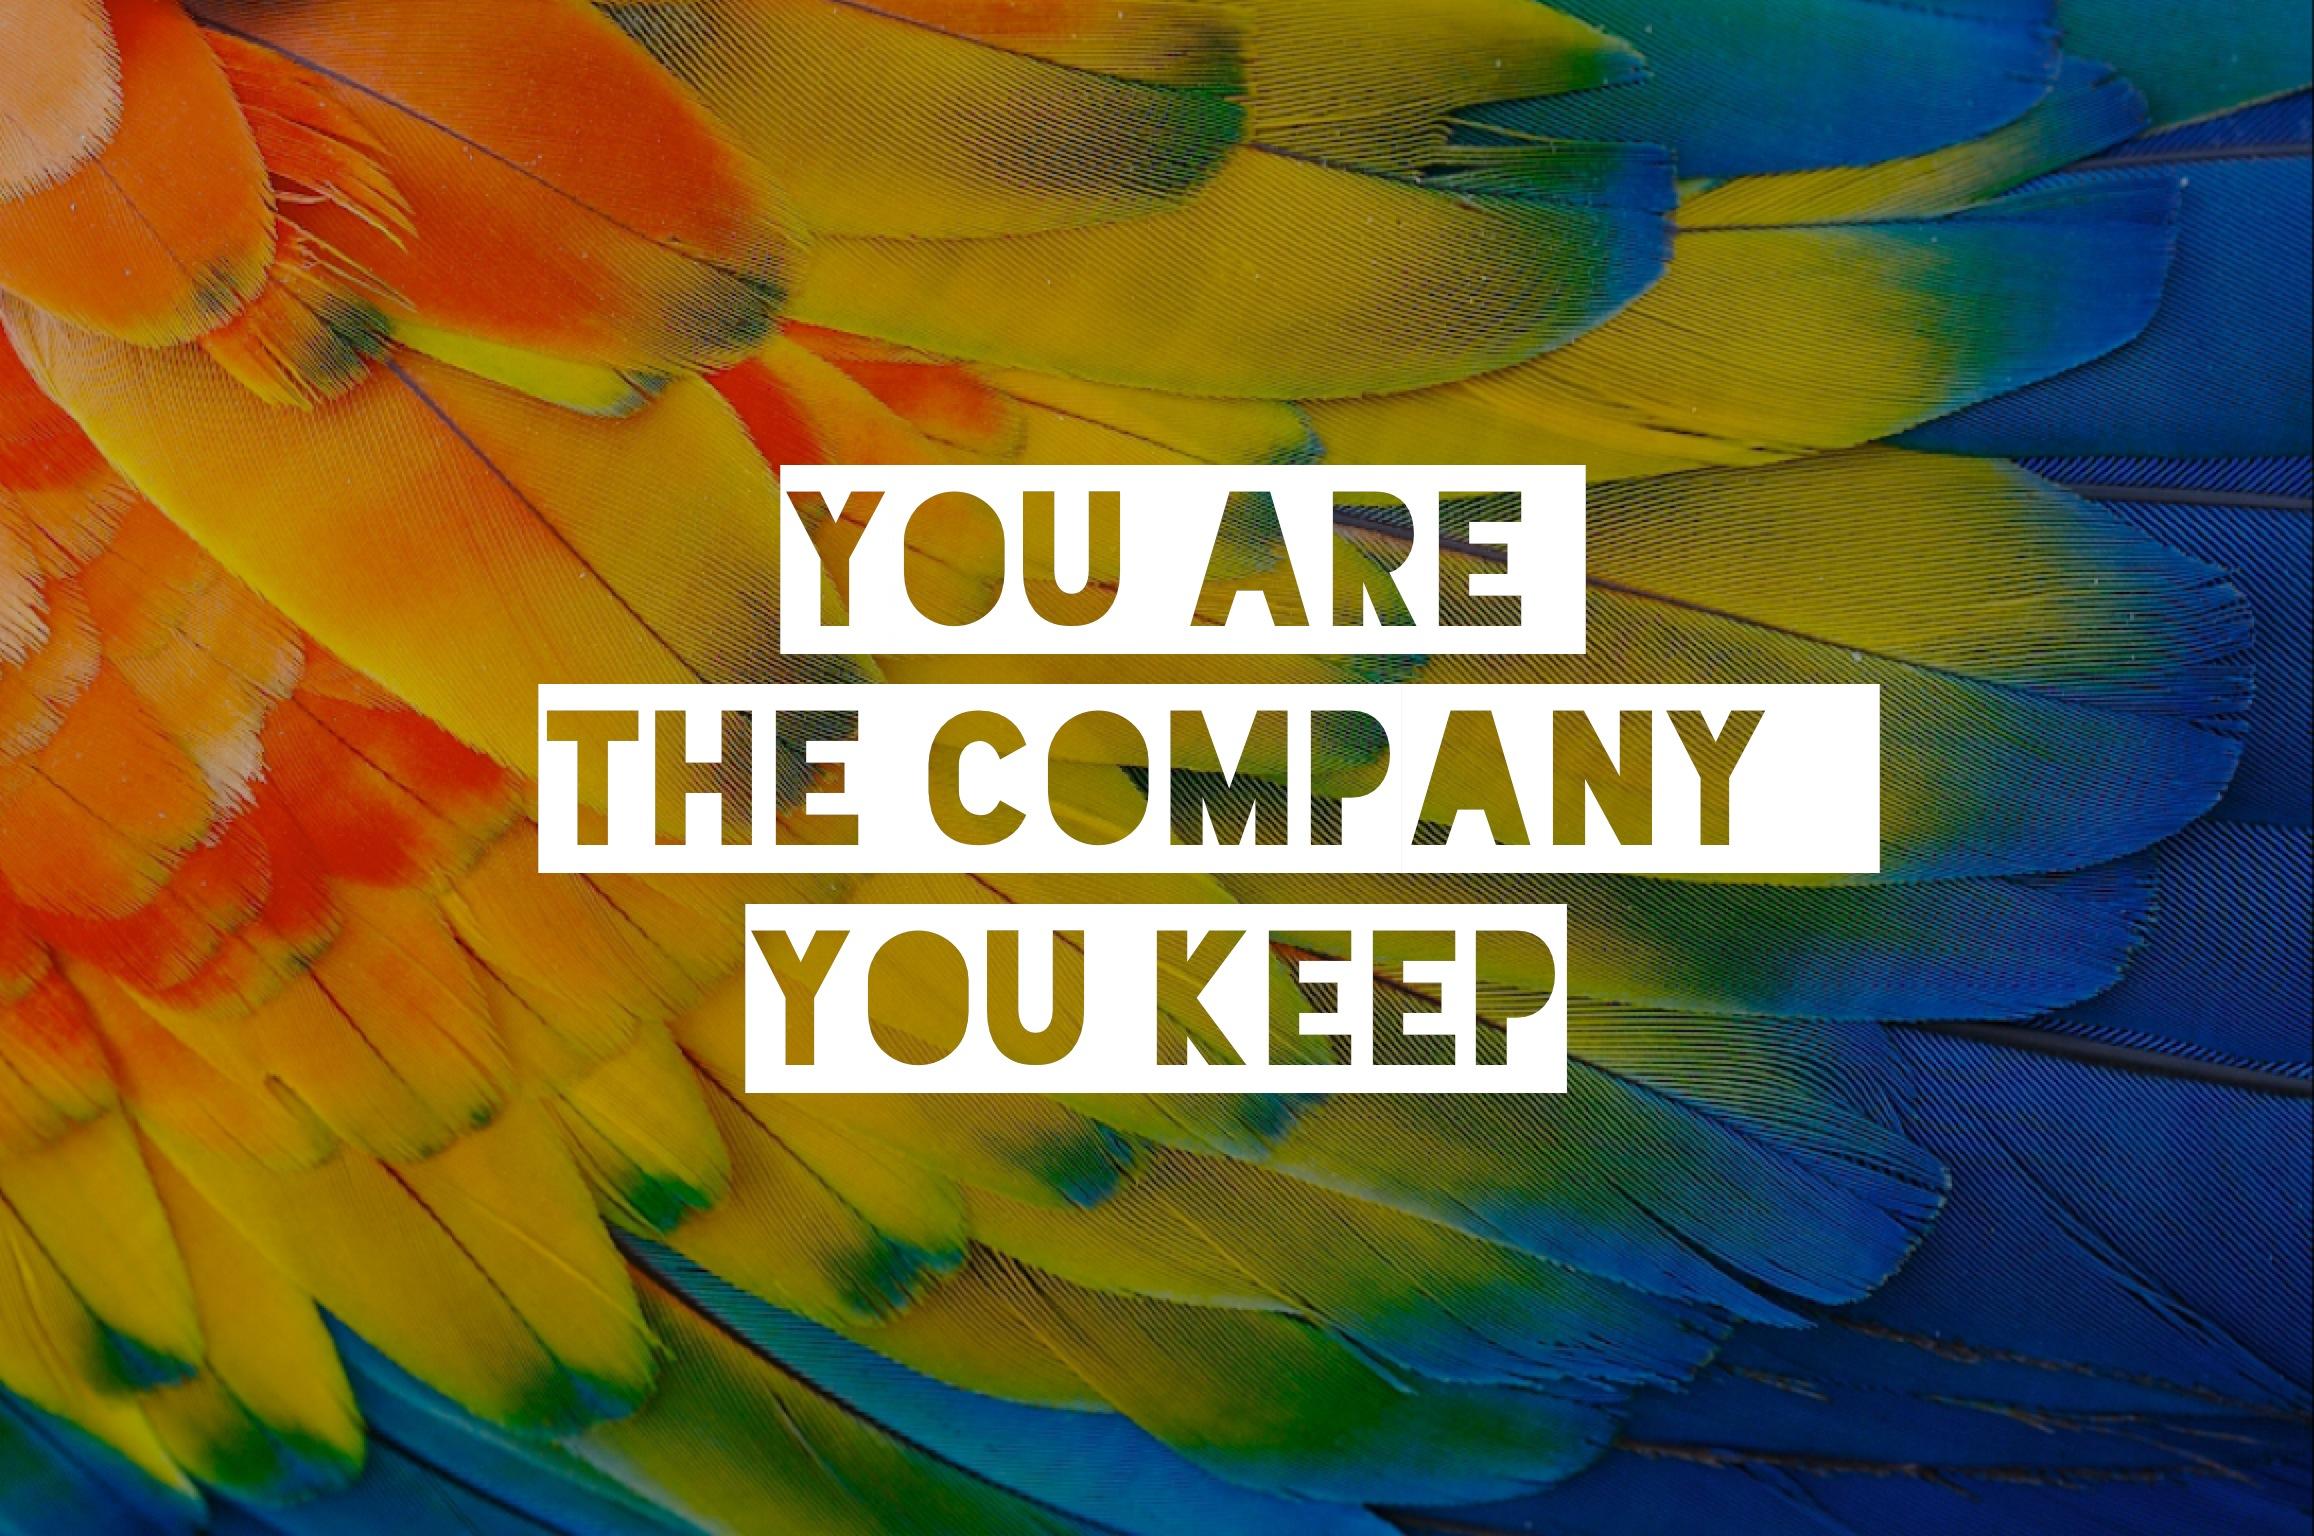 company you keep